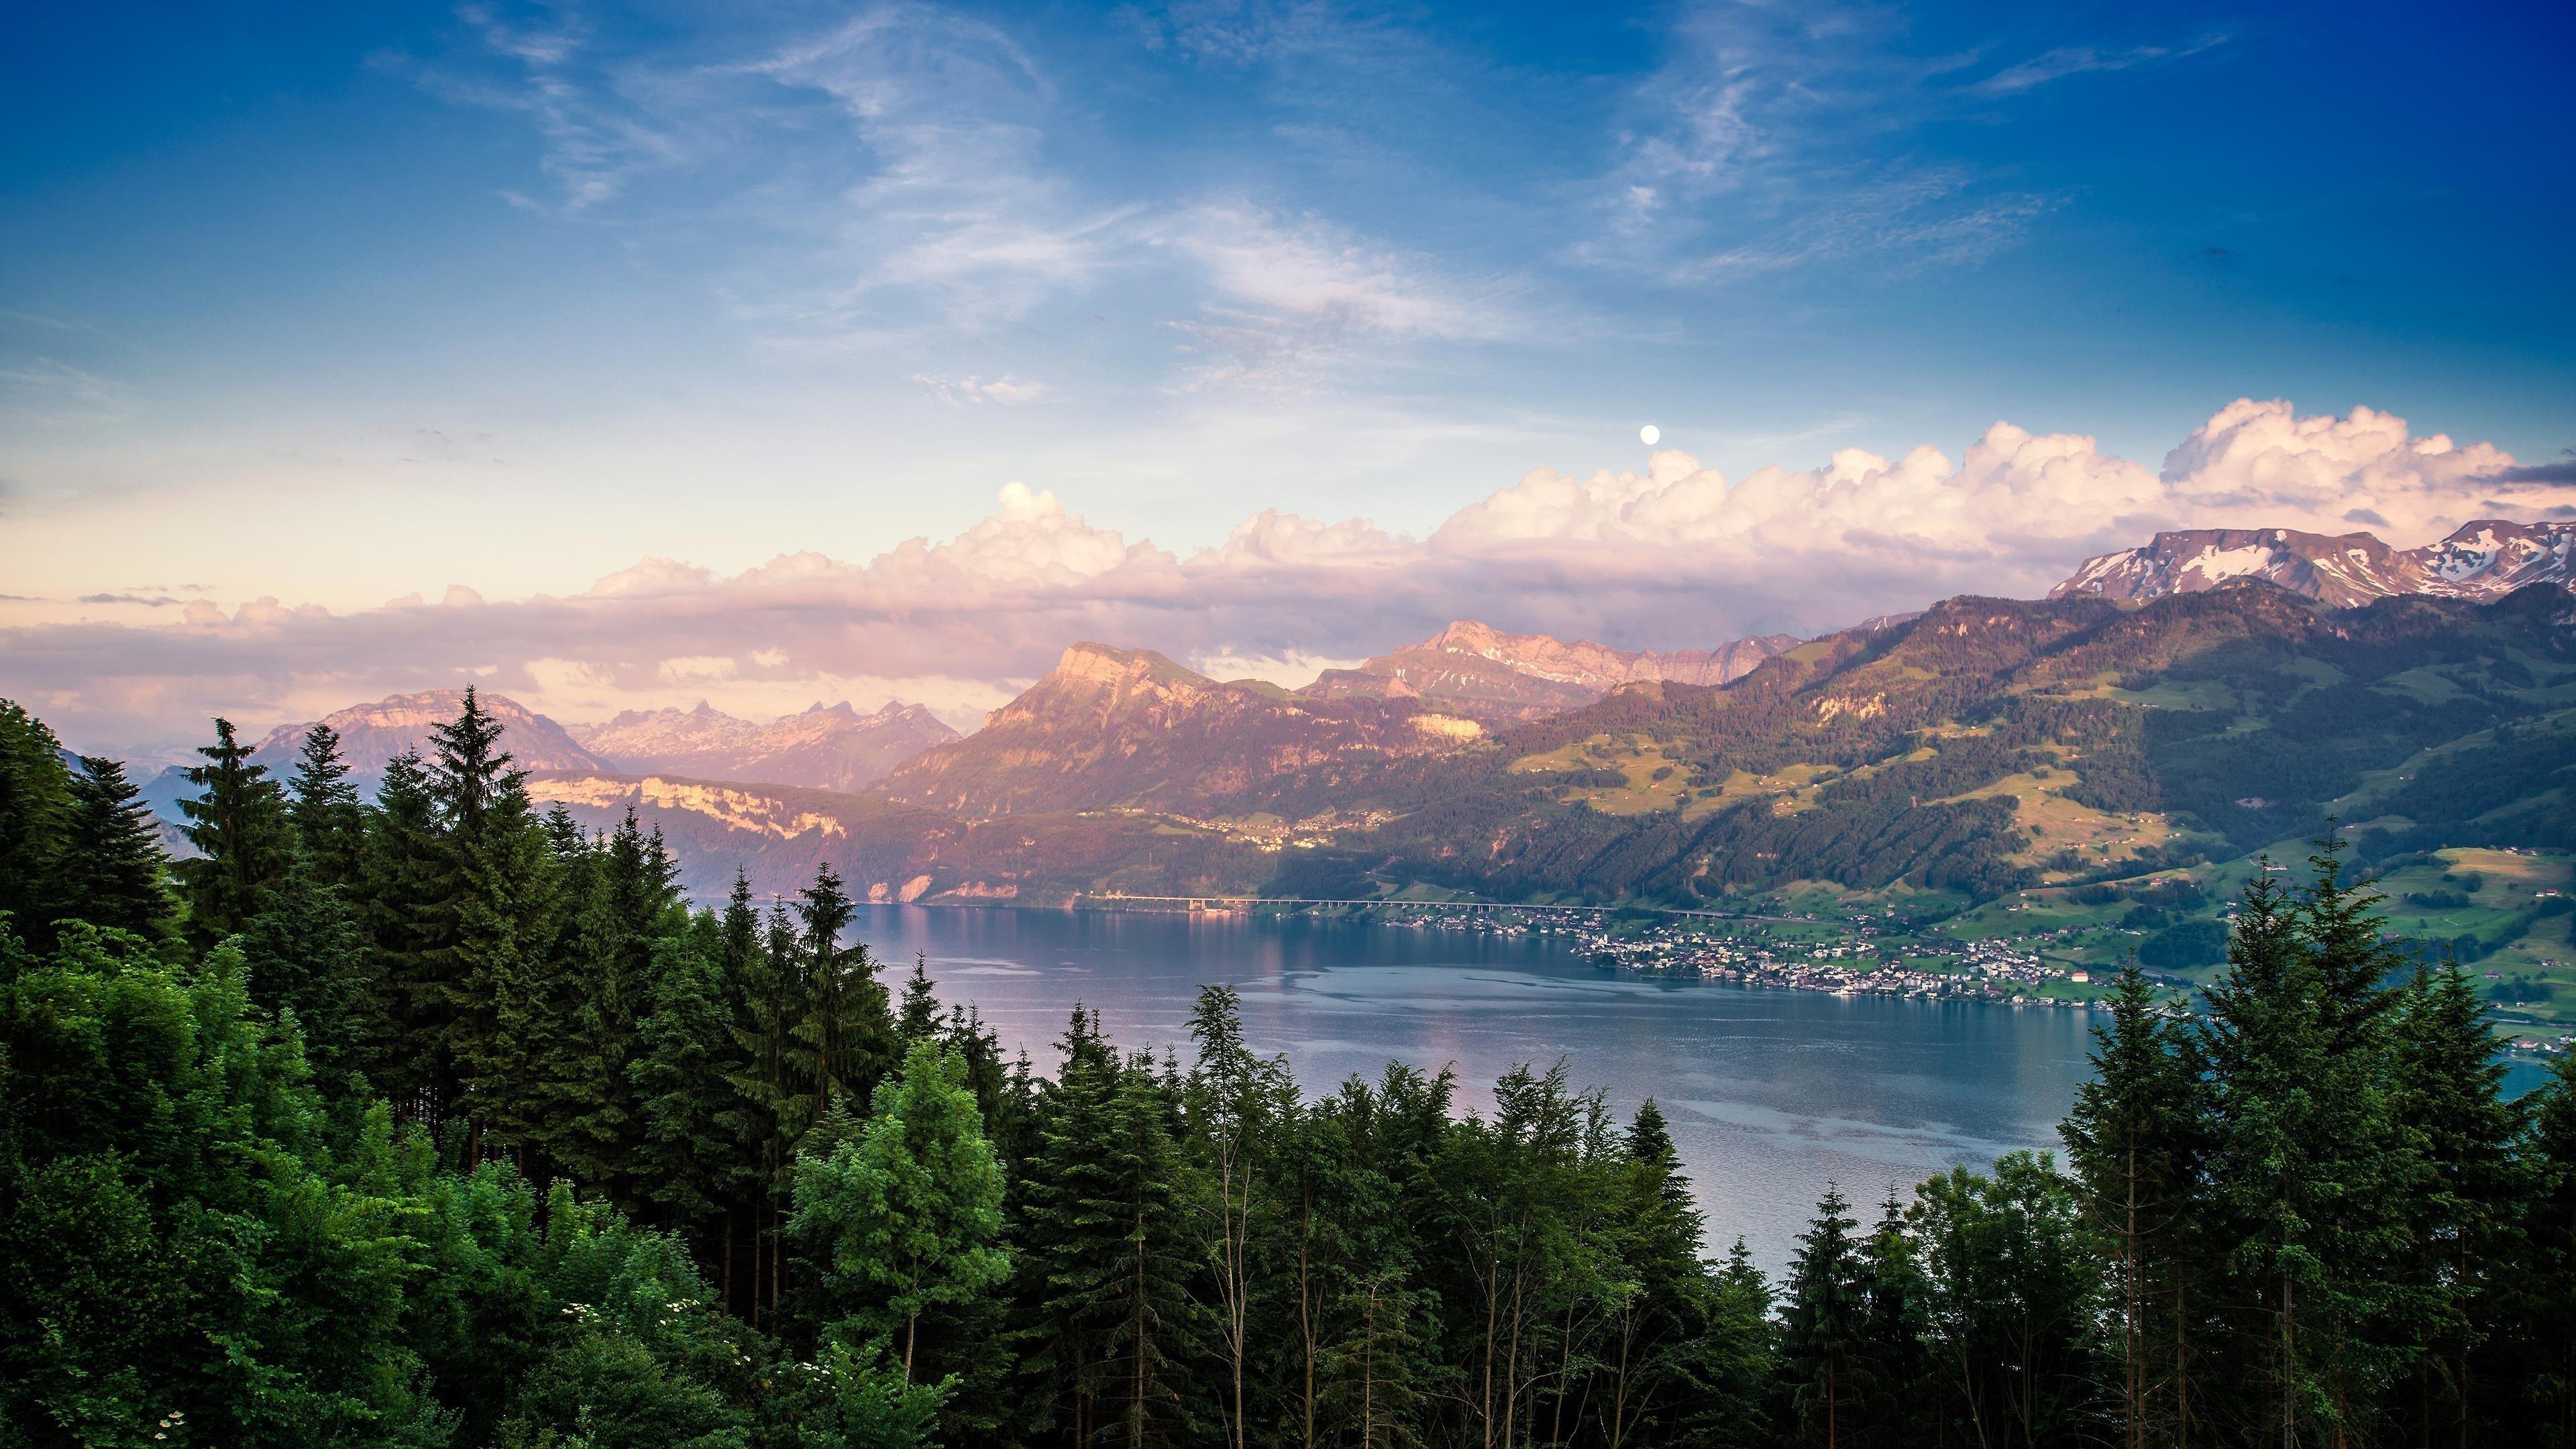 Цюрихское озеро в Швейцарии пейзаж обои скачать